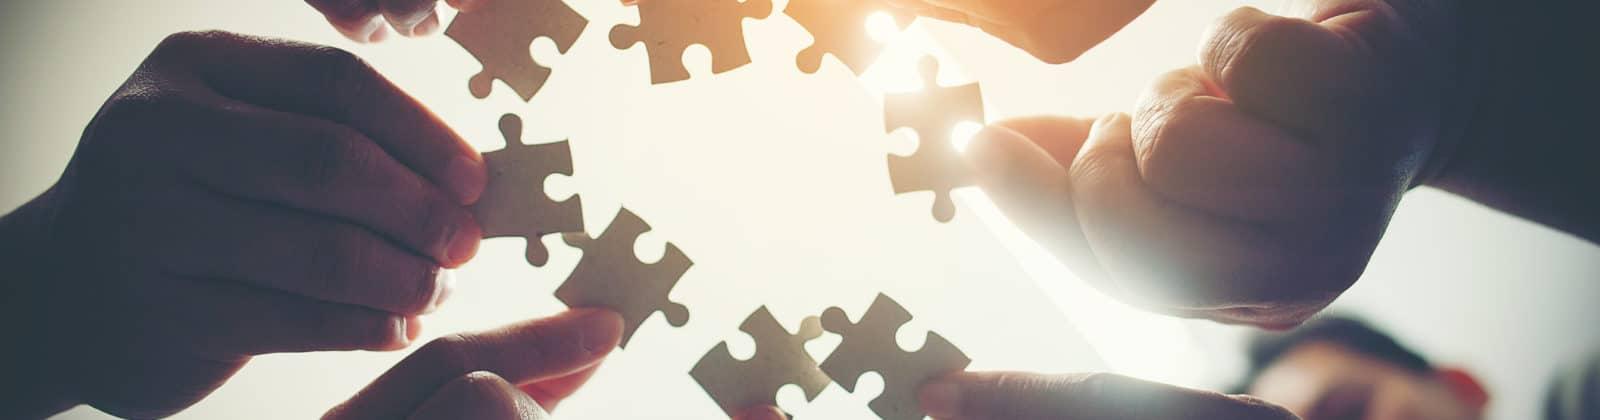 Construir alternativas buscando una intervención transdisciplinar